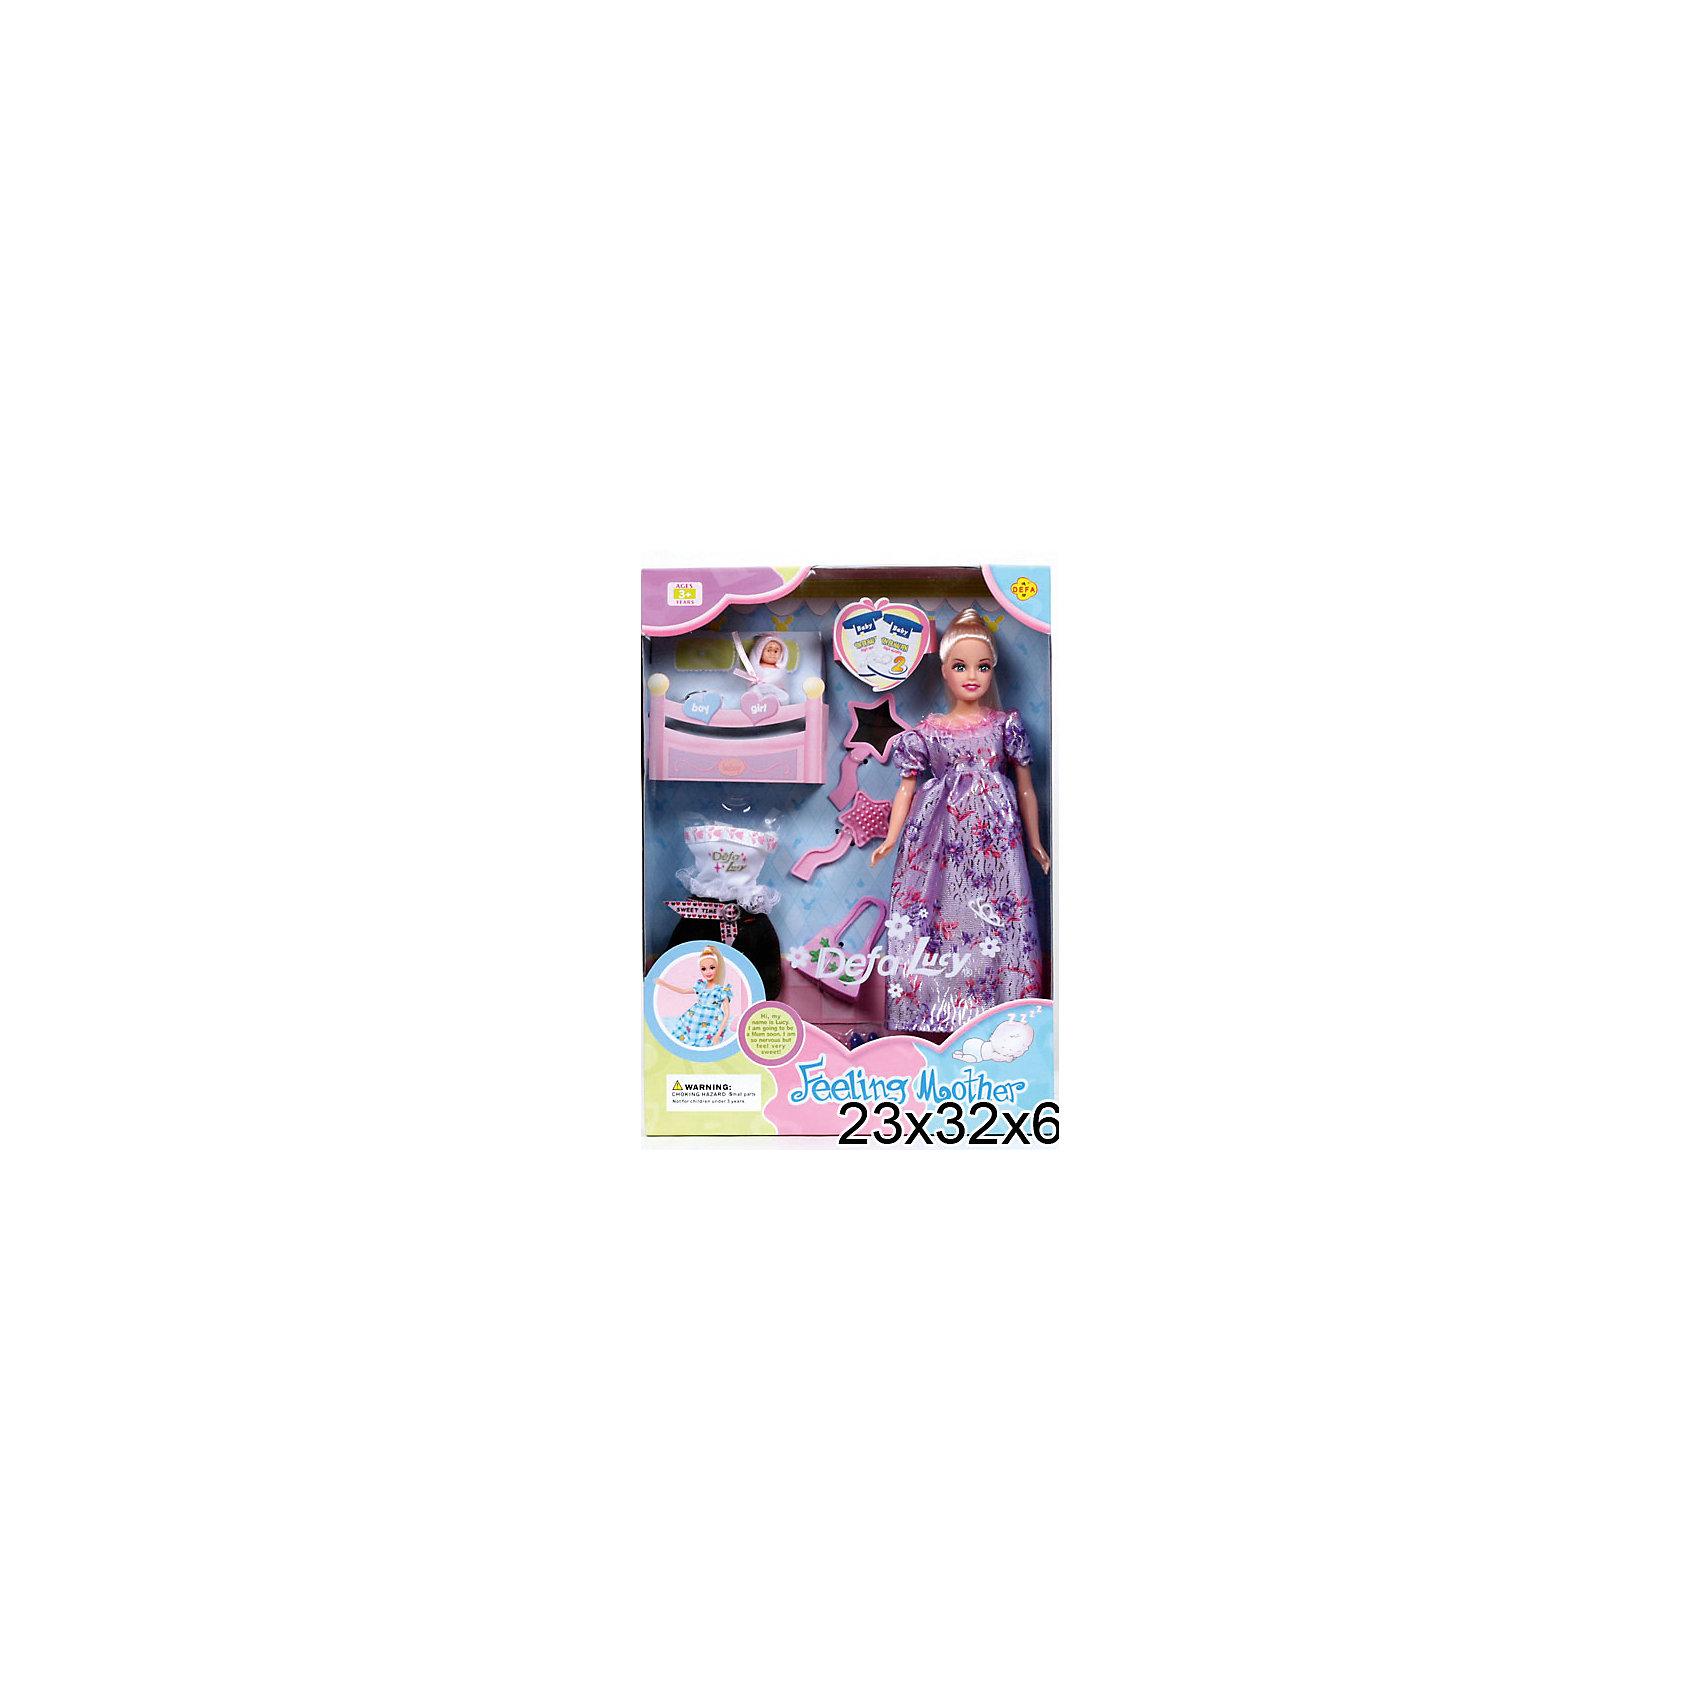 Беременная кукла + 2 ребенка, с аксессуарами, Defa LucyЗаботливая мама с двумя малышами станет прекрасной игрушкой для Вашего ребенка. В комплект входит дополнительная одежда для мамочки, которую можно примерить, когда малыш появится на свет( живот у куклы снимается). В комплект так же входят красивые туфли, модная сумочка, зеркальце и расческа, с помощью которой можно делать красивые прически.<br><br>Ширина мм: 60<br>Глубина мм: 290<br>Высота мм: 230<br>Вес г: 430<br>Возраст от месяцев: 36<br>Возраст до месяцев: 72<br>Пол: Женский<br>Возраст: Детский<br>SKU: 5154124